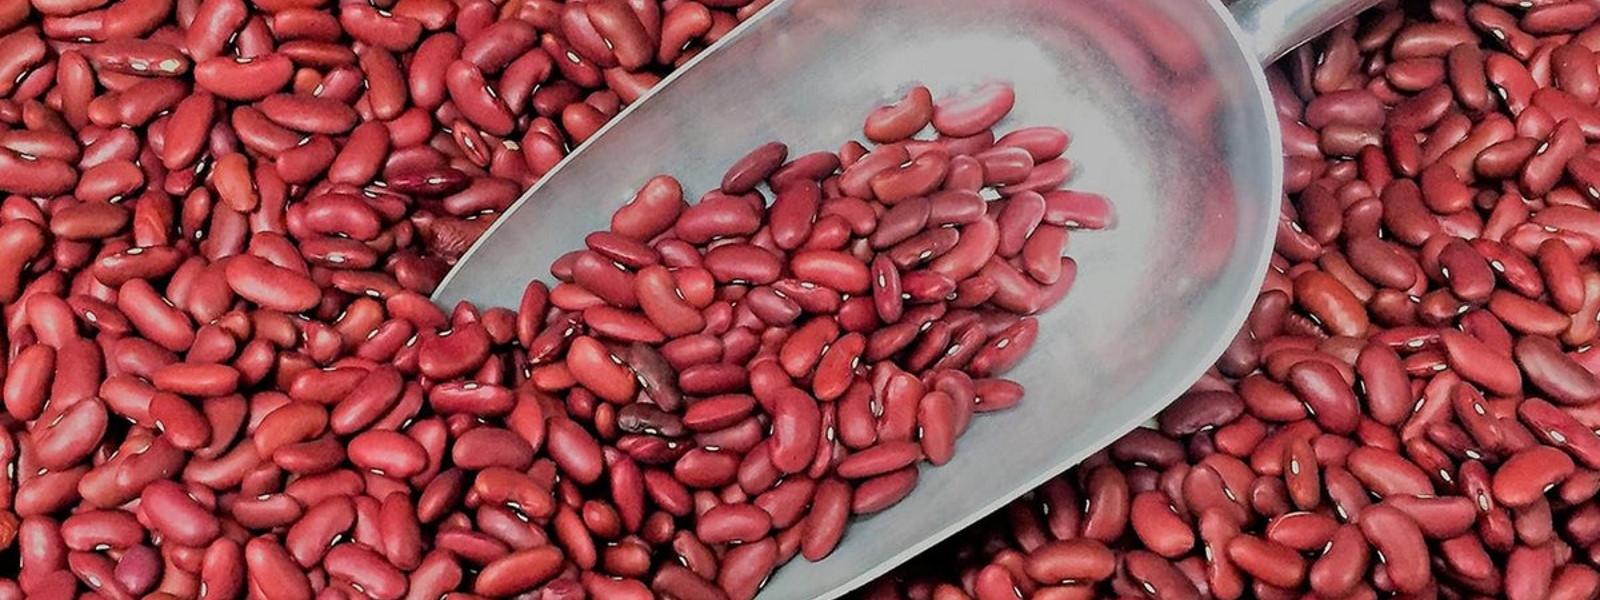 Продажа сортовой фасоли в Украине, Европе, Азии